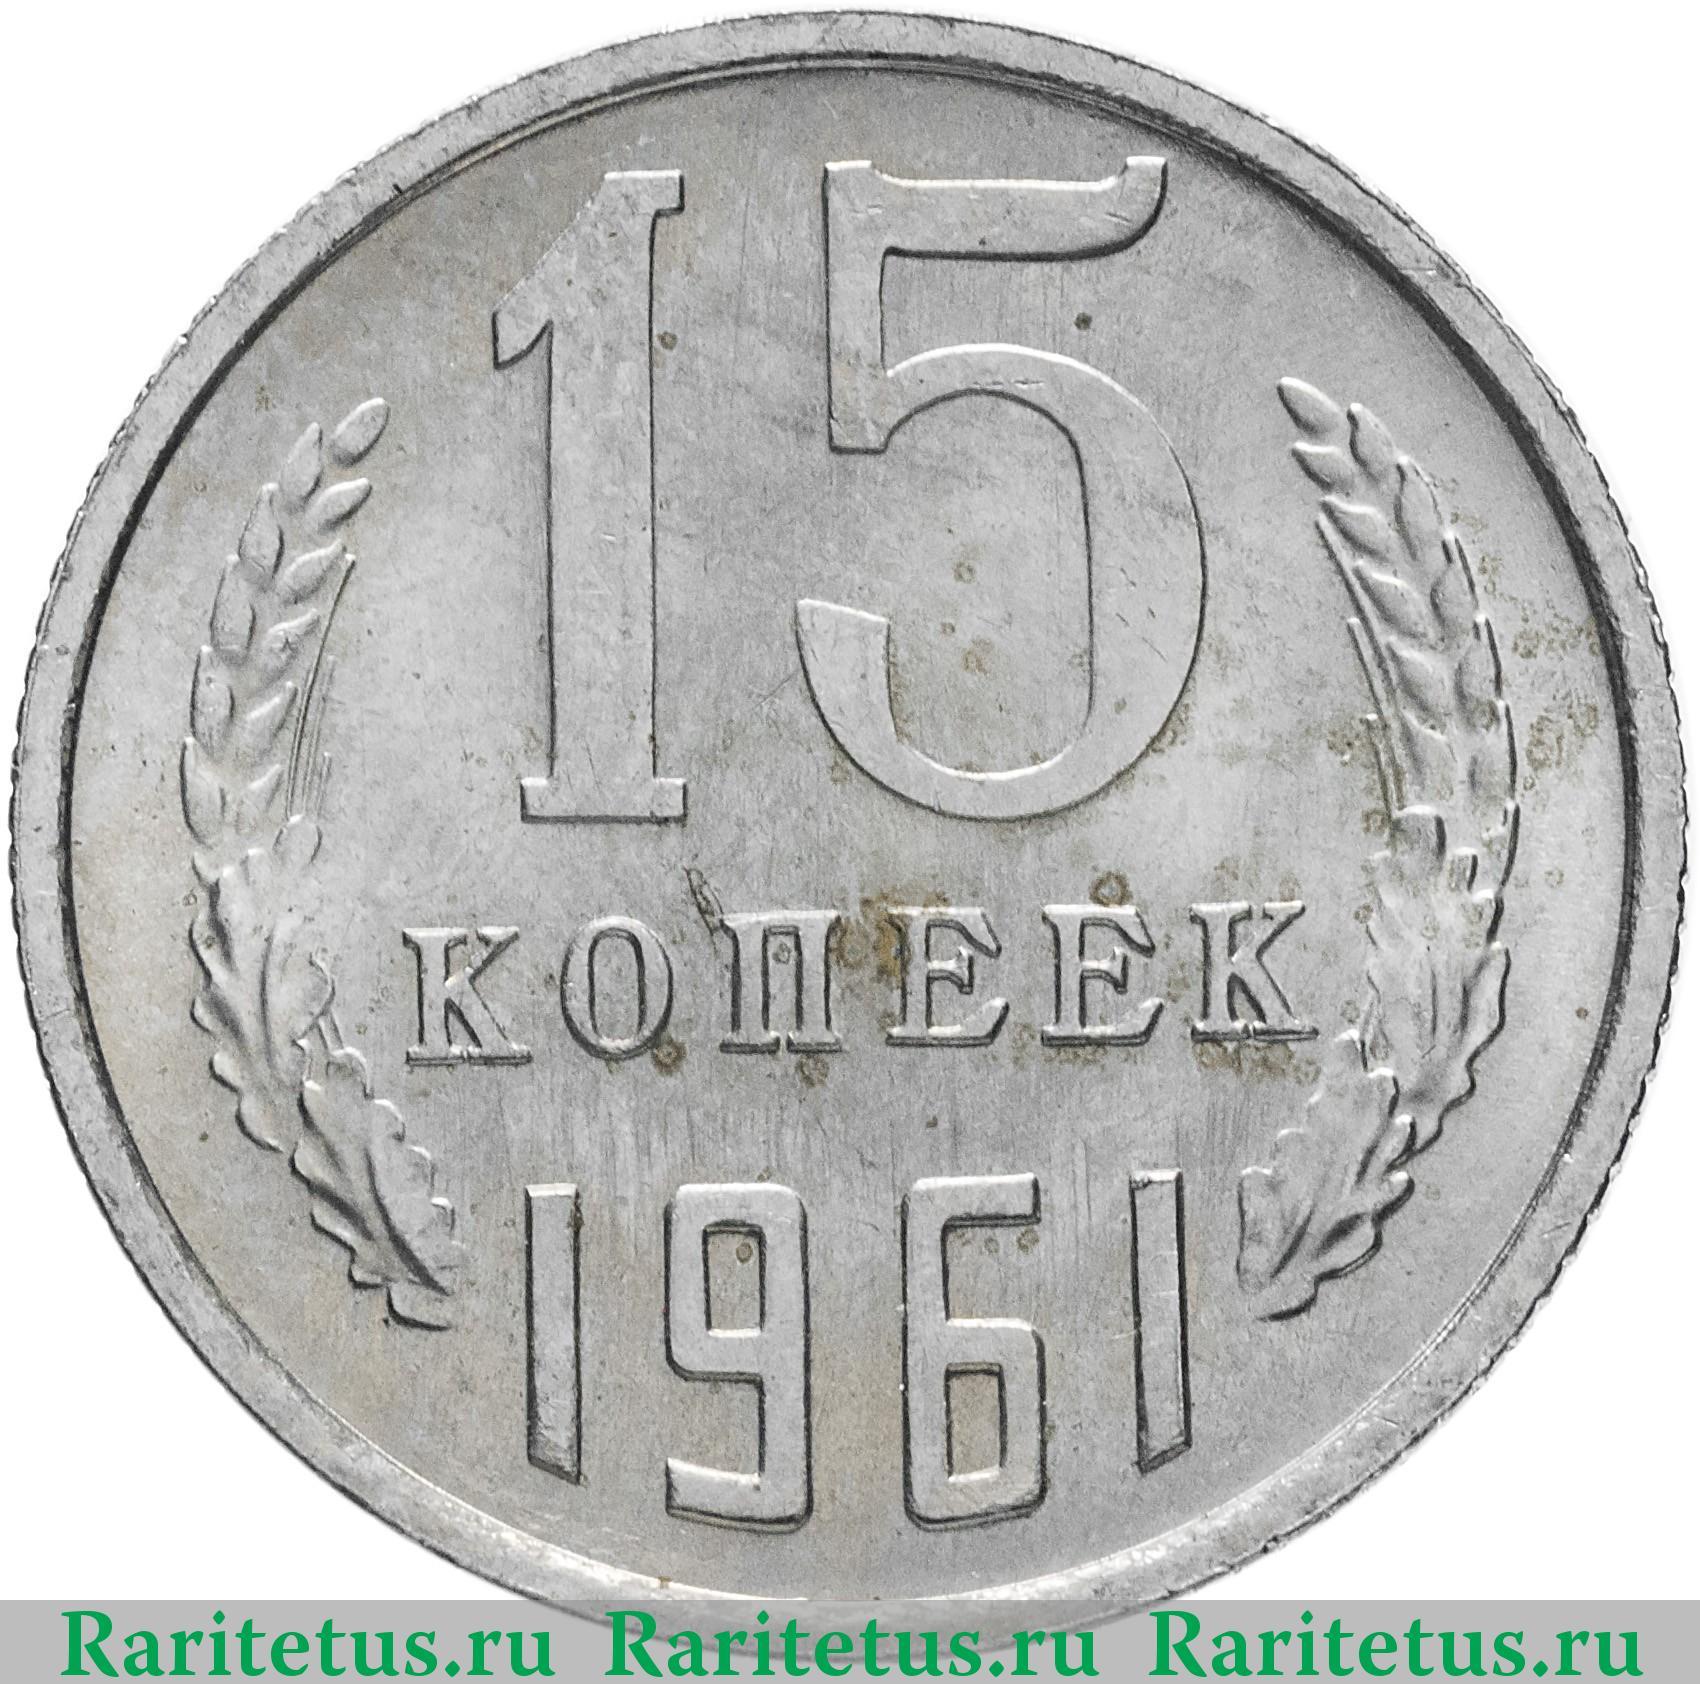 15 копеек 1961 1991 года цена 10 groschen 1963 цена